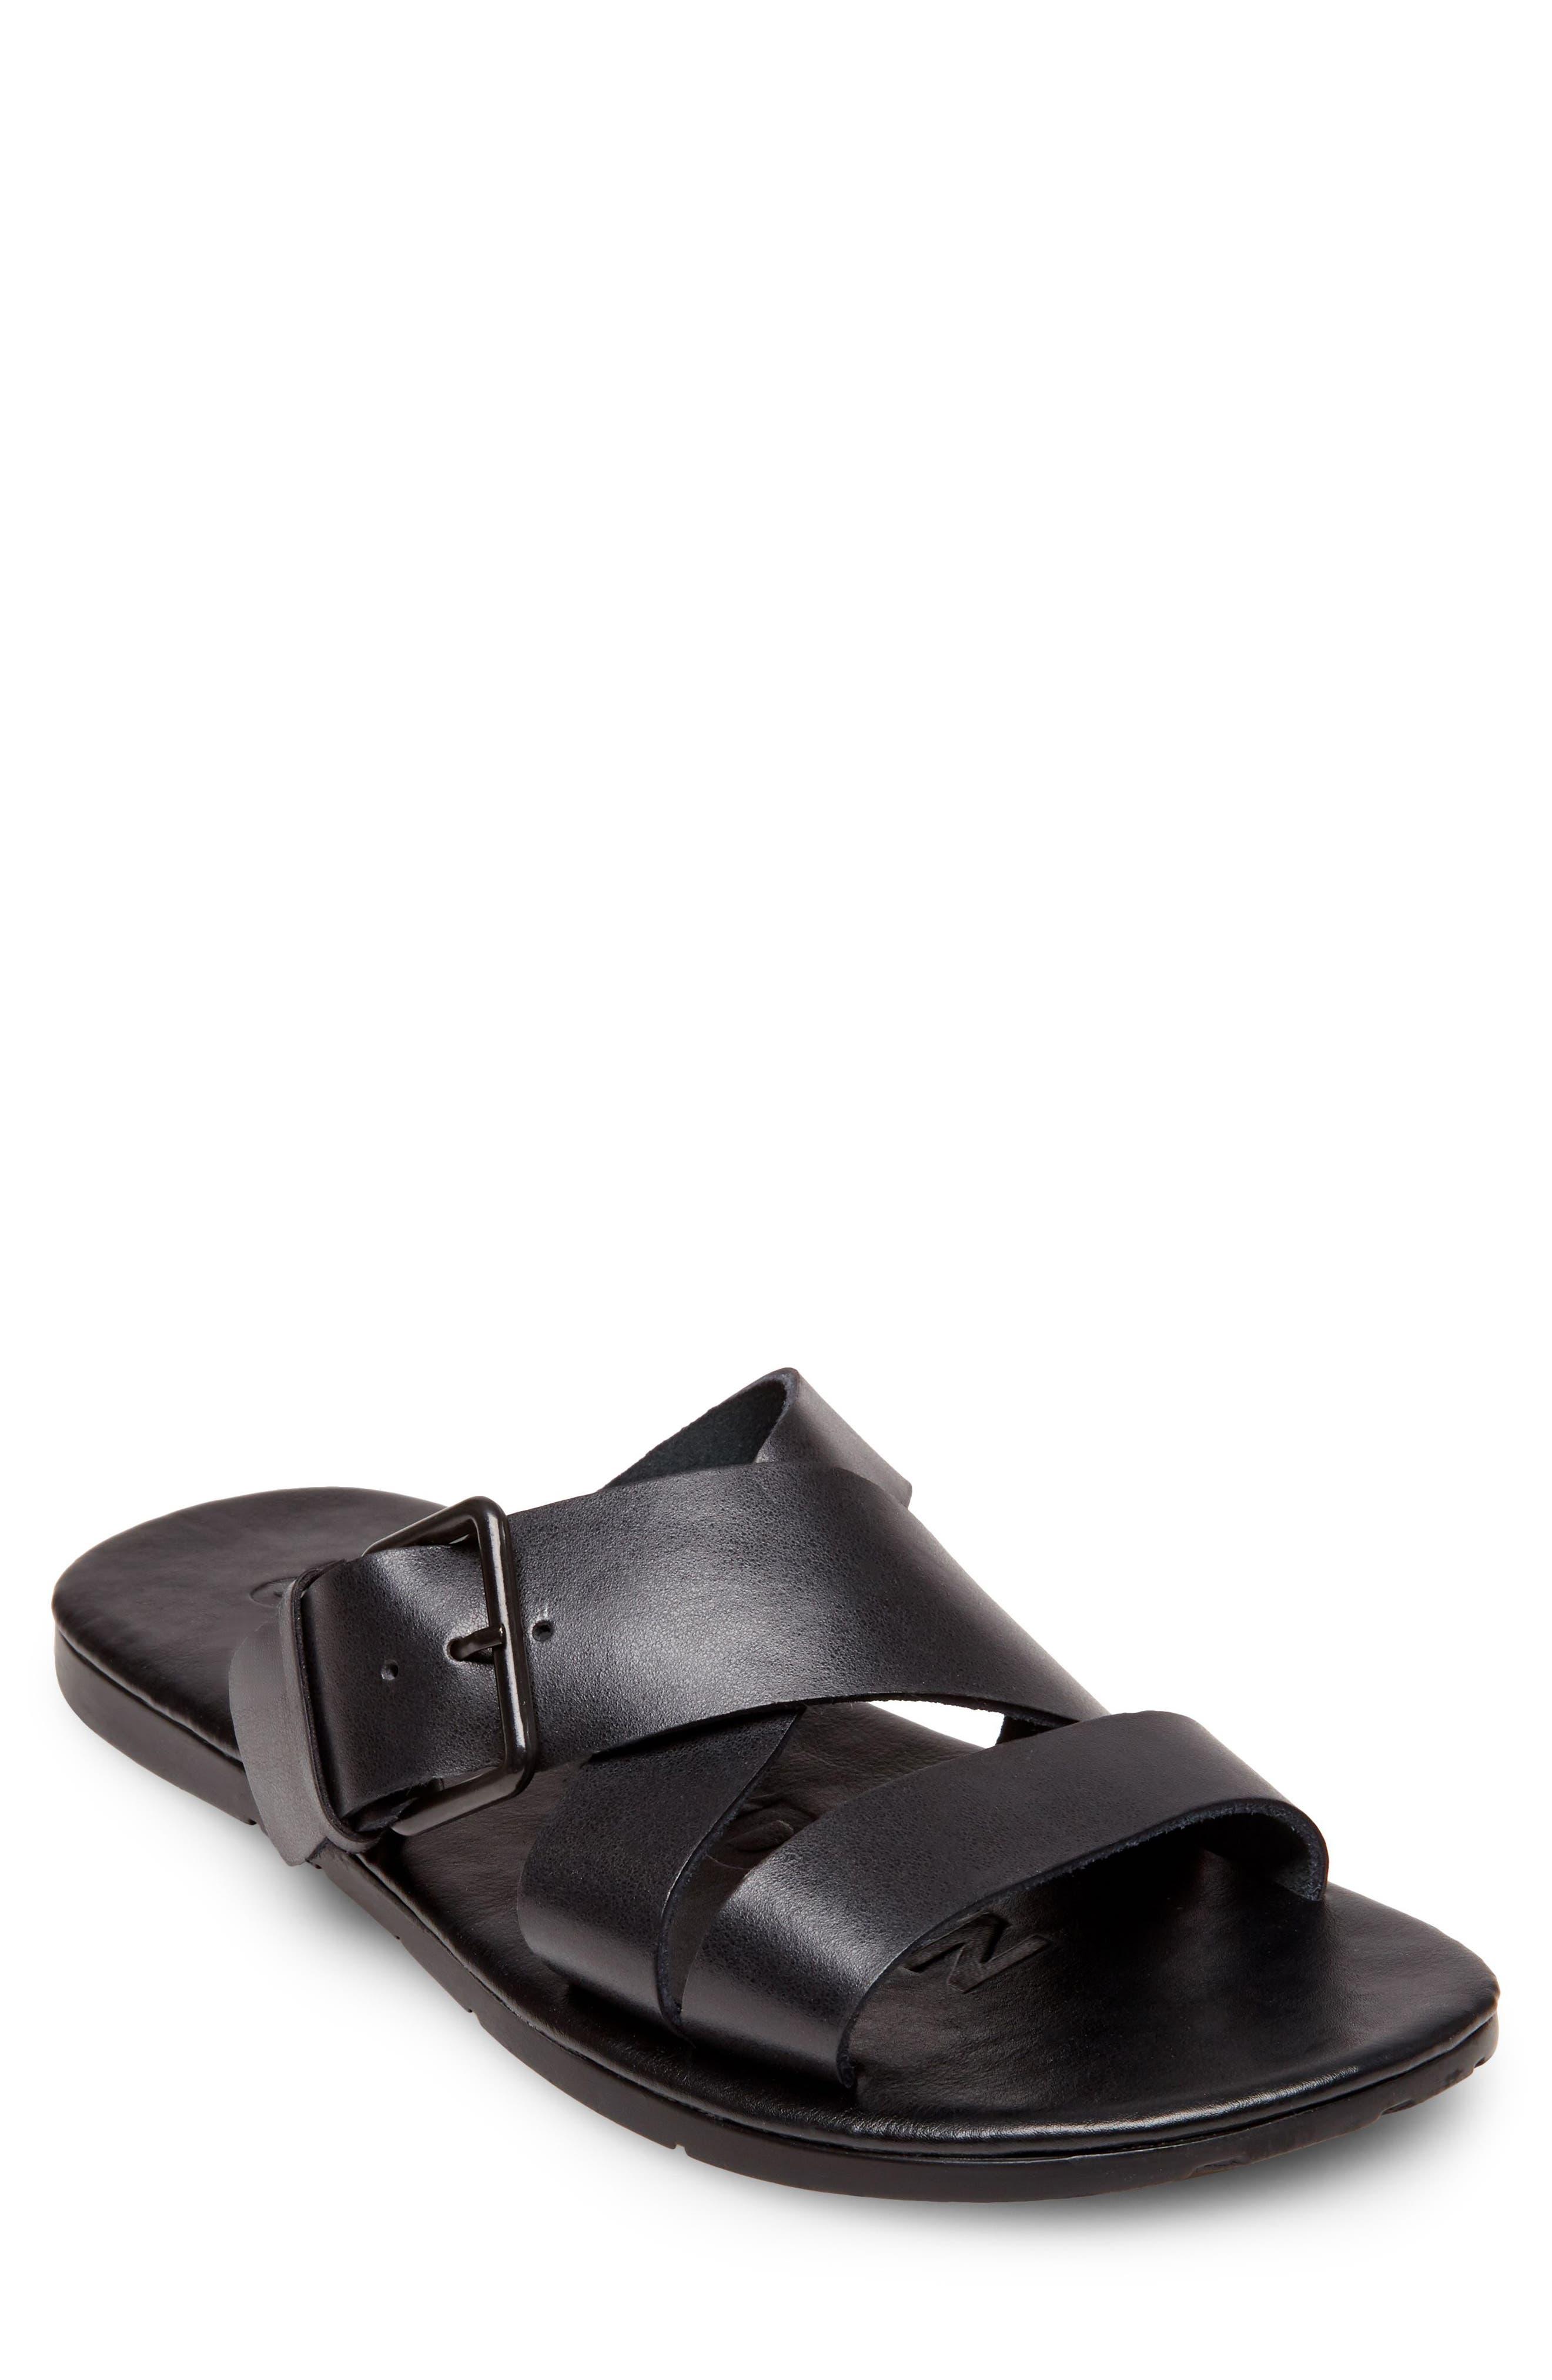 Suspense Buckled Slide Sandal,                         Main,                         color, 001